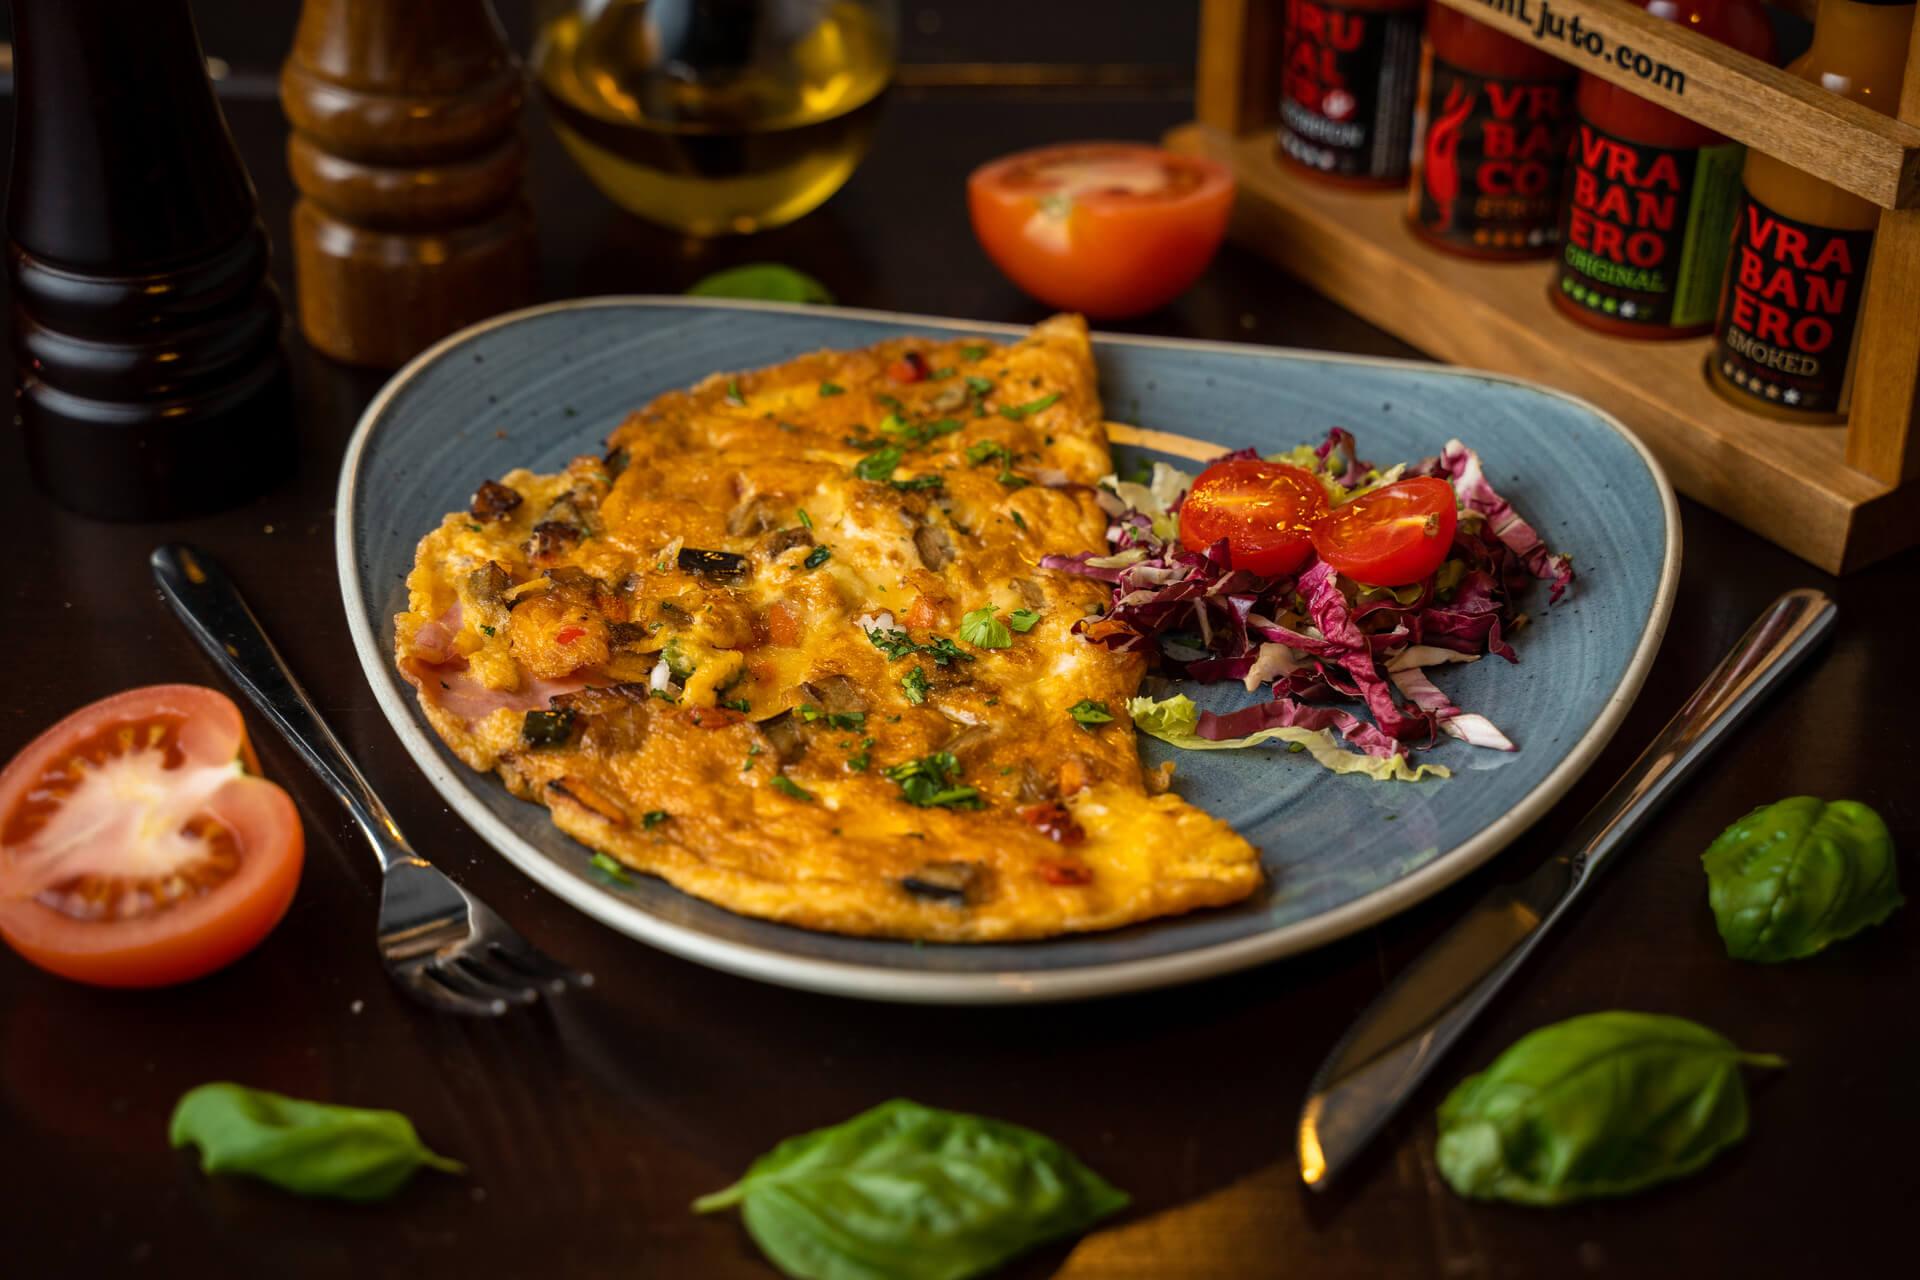 omlette breakfast portun dubrovnik